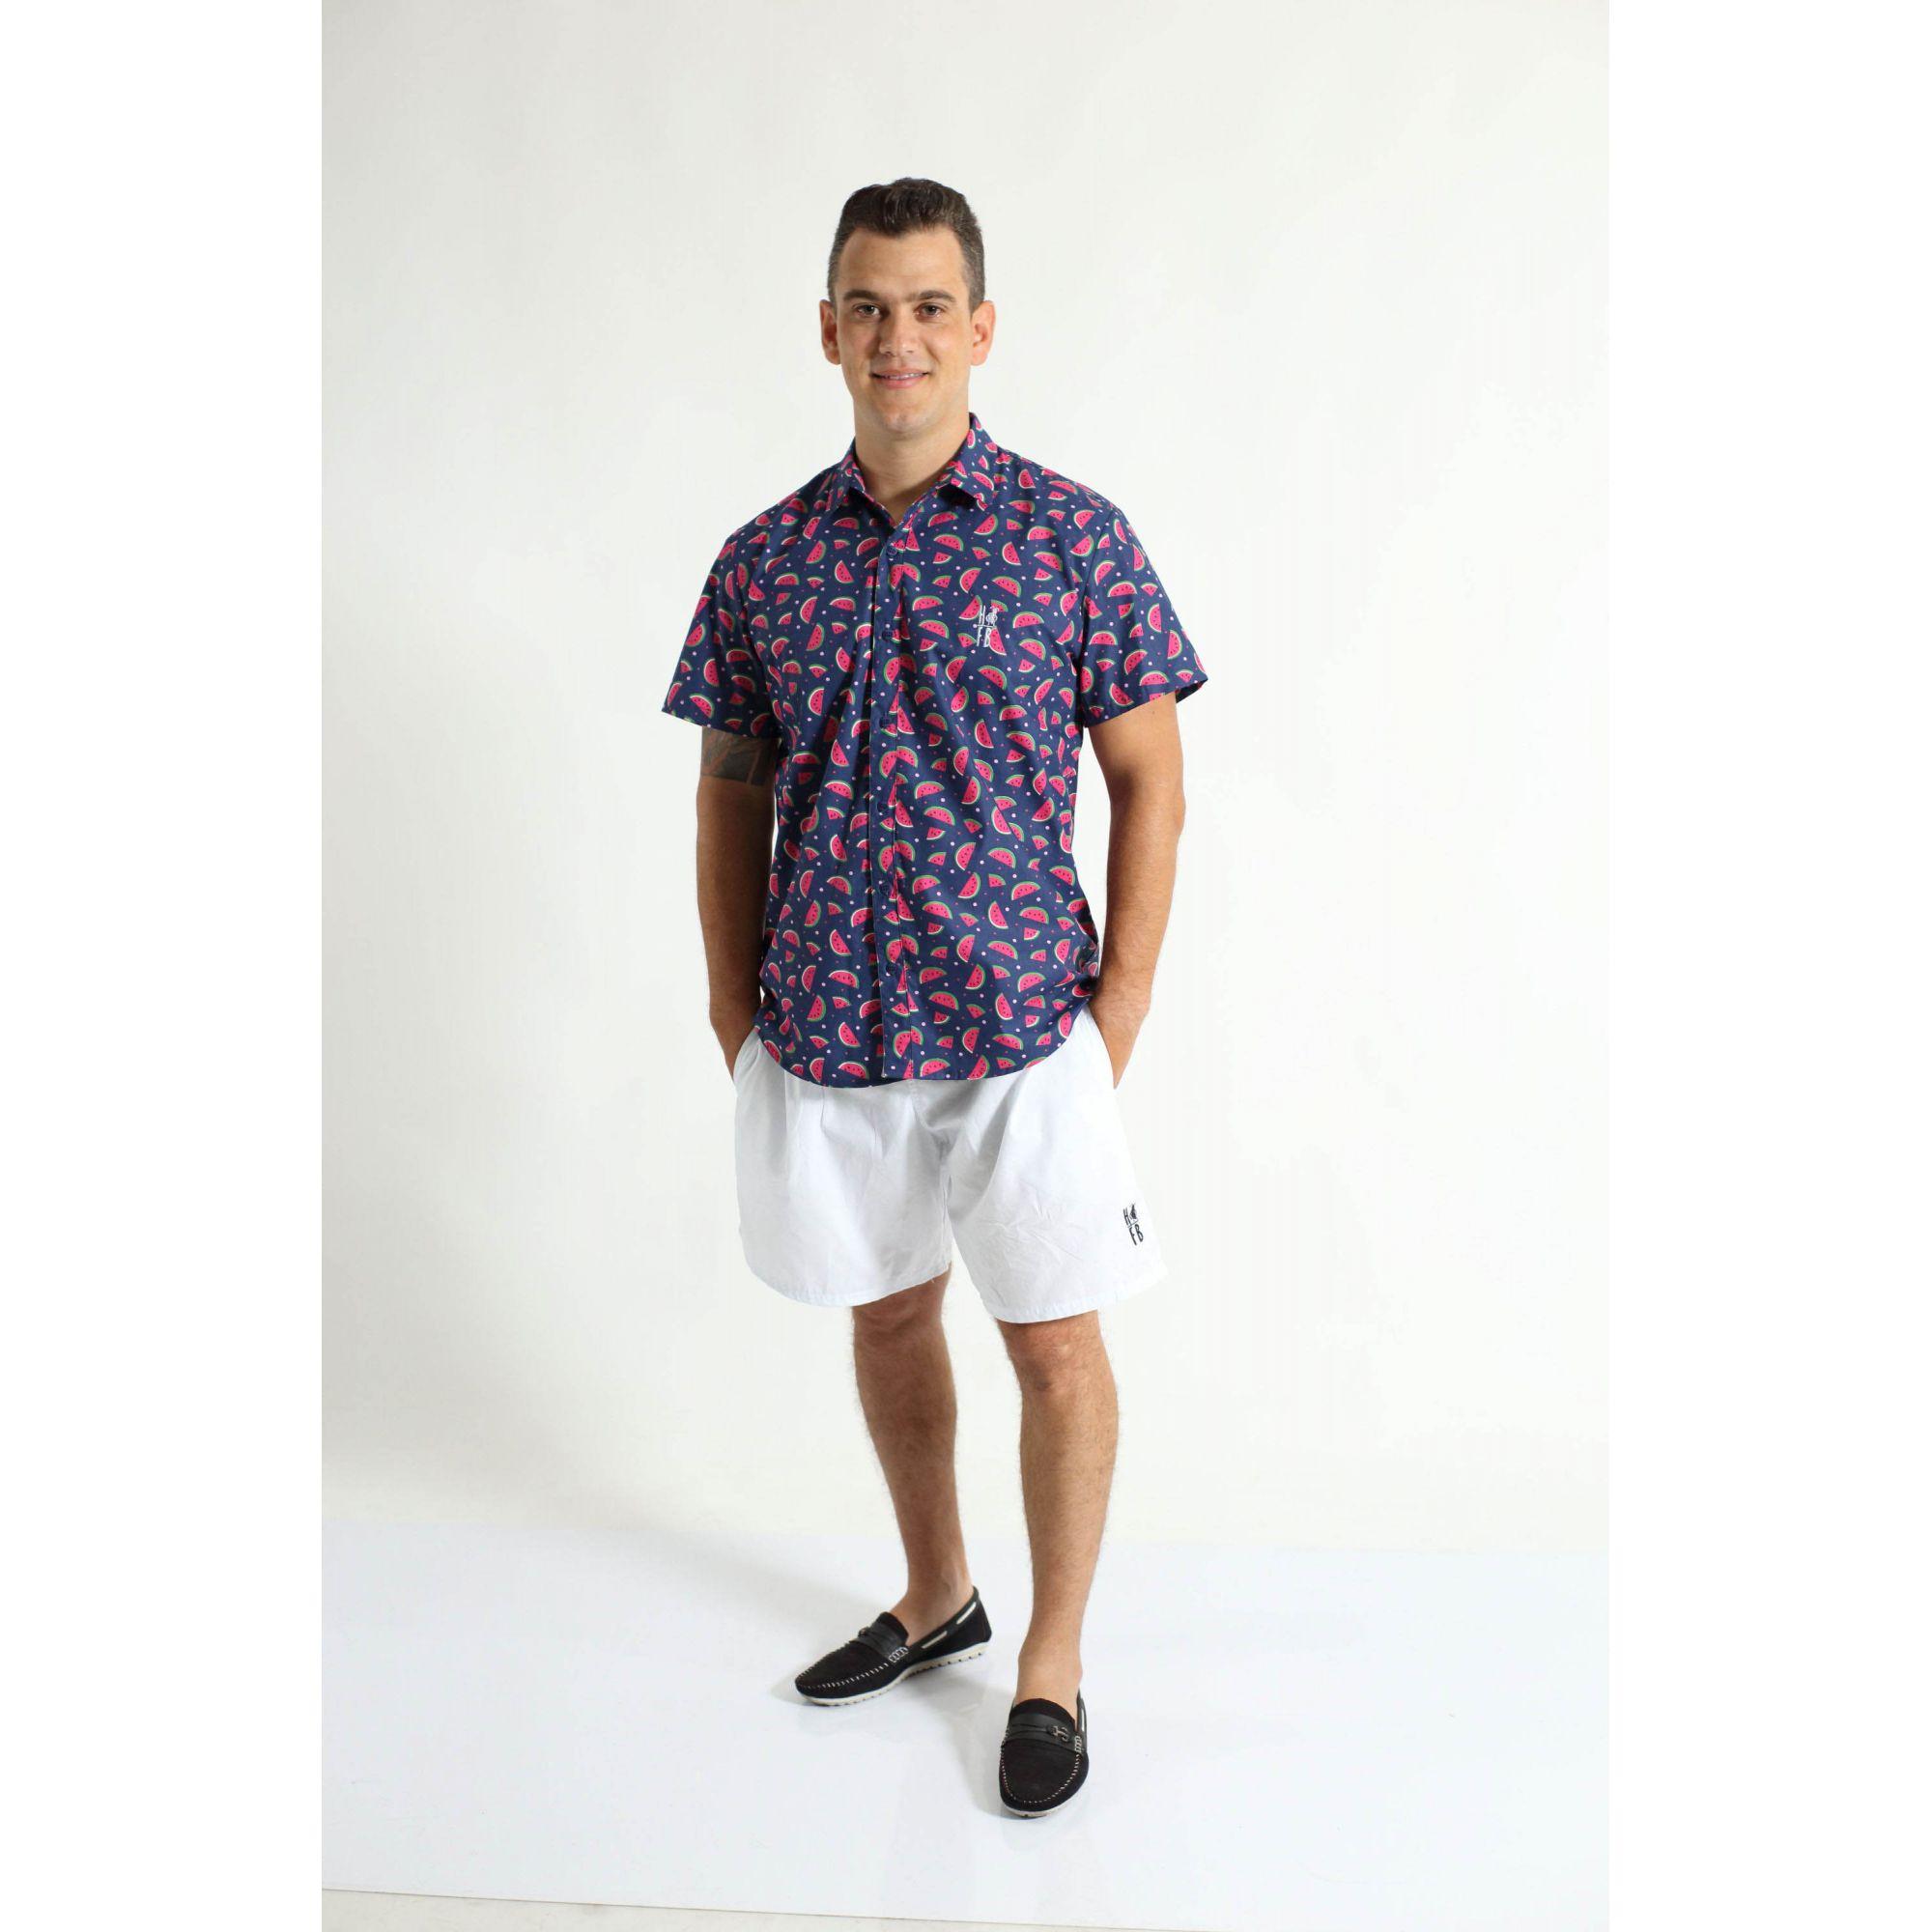 PAIS E FILHOS > Kit 3 peças Camisas Social Melancia [Coleção Família]  - Heitor Fashion Brazil